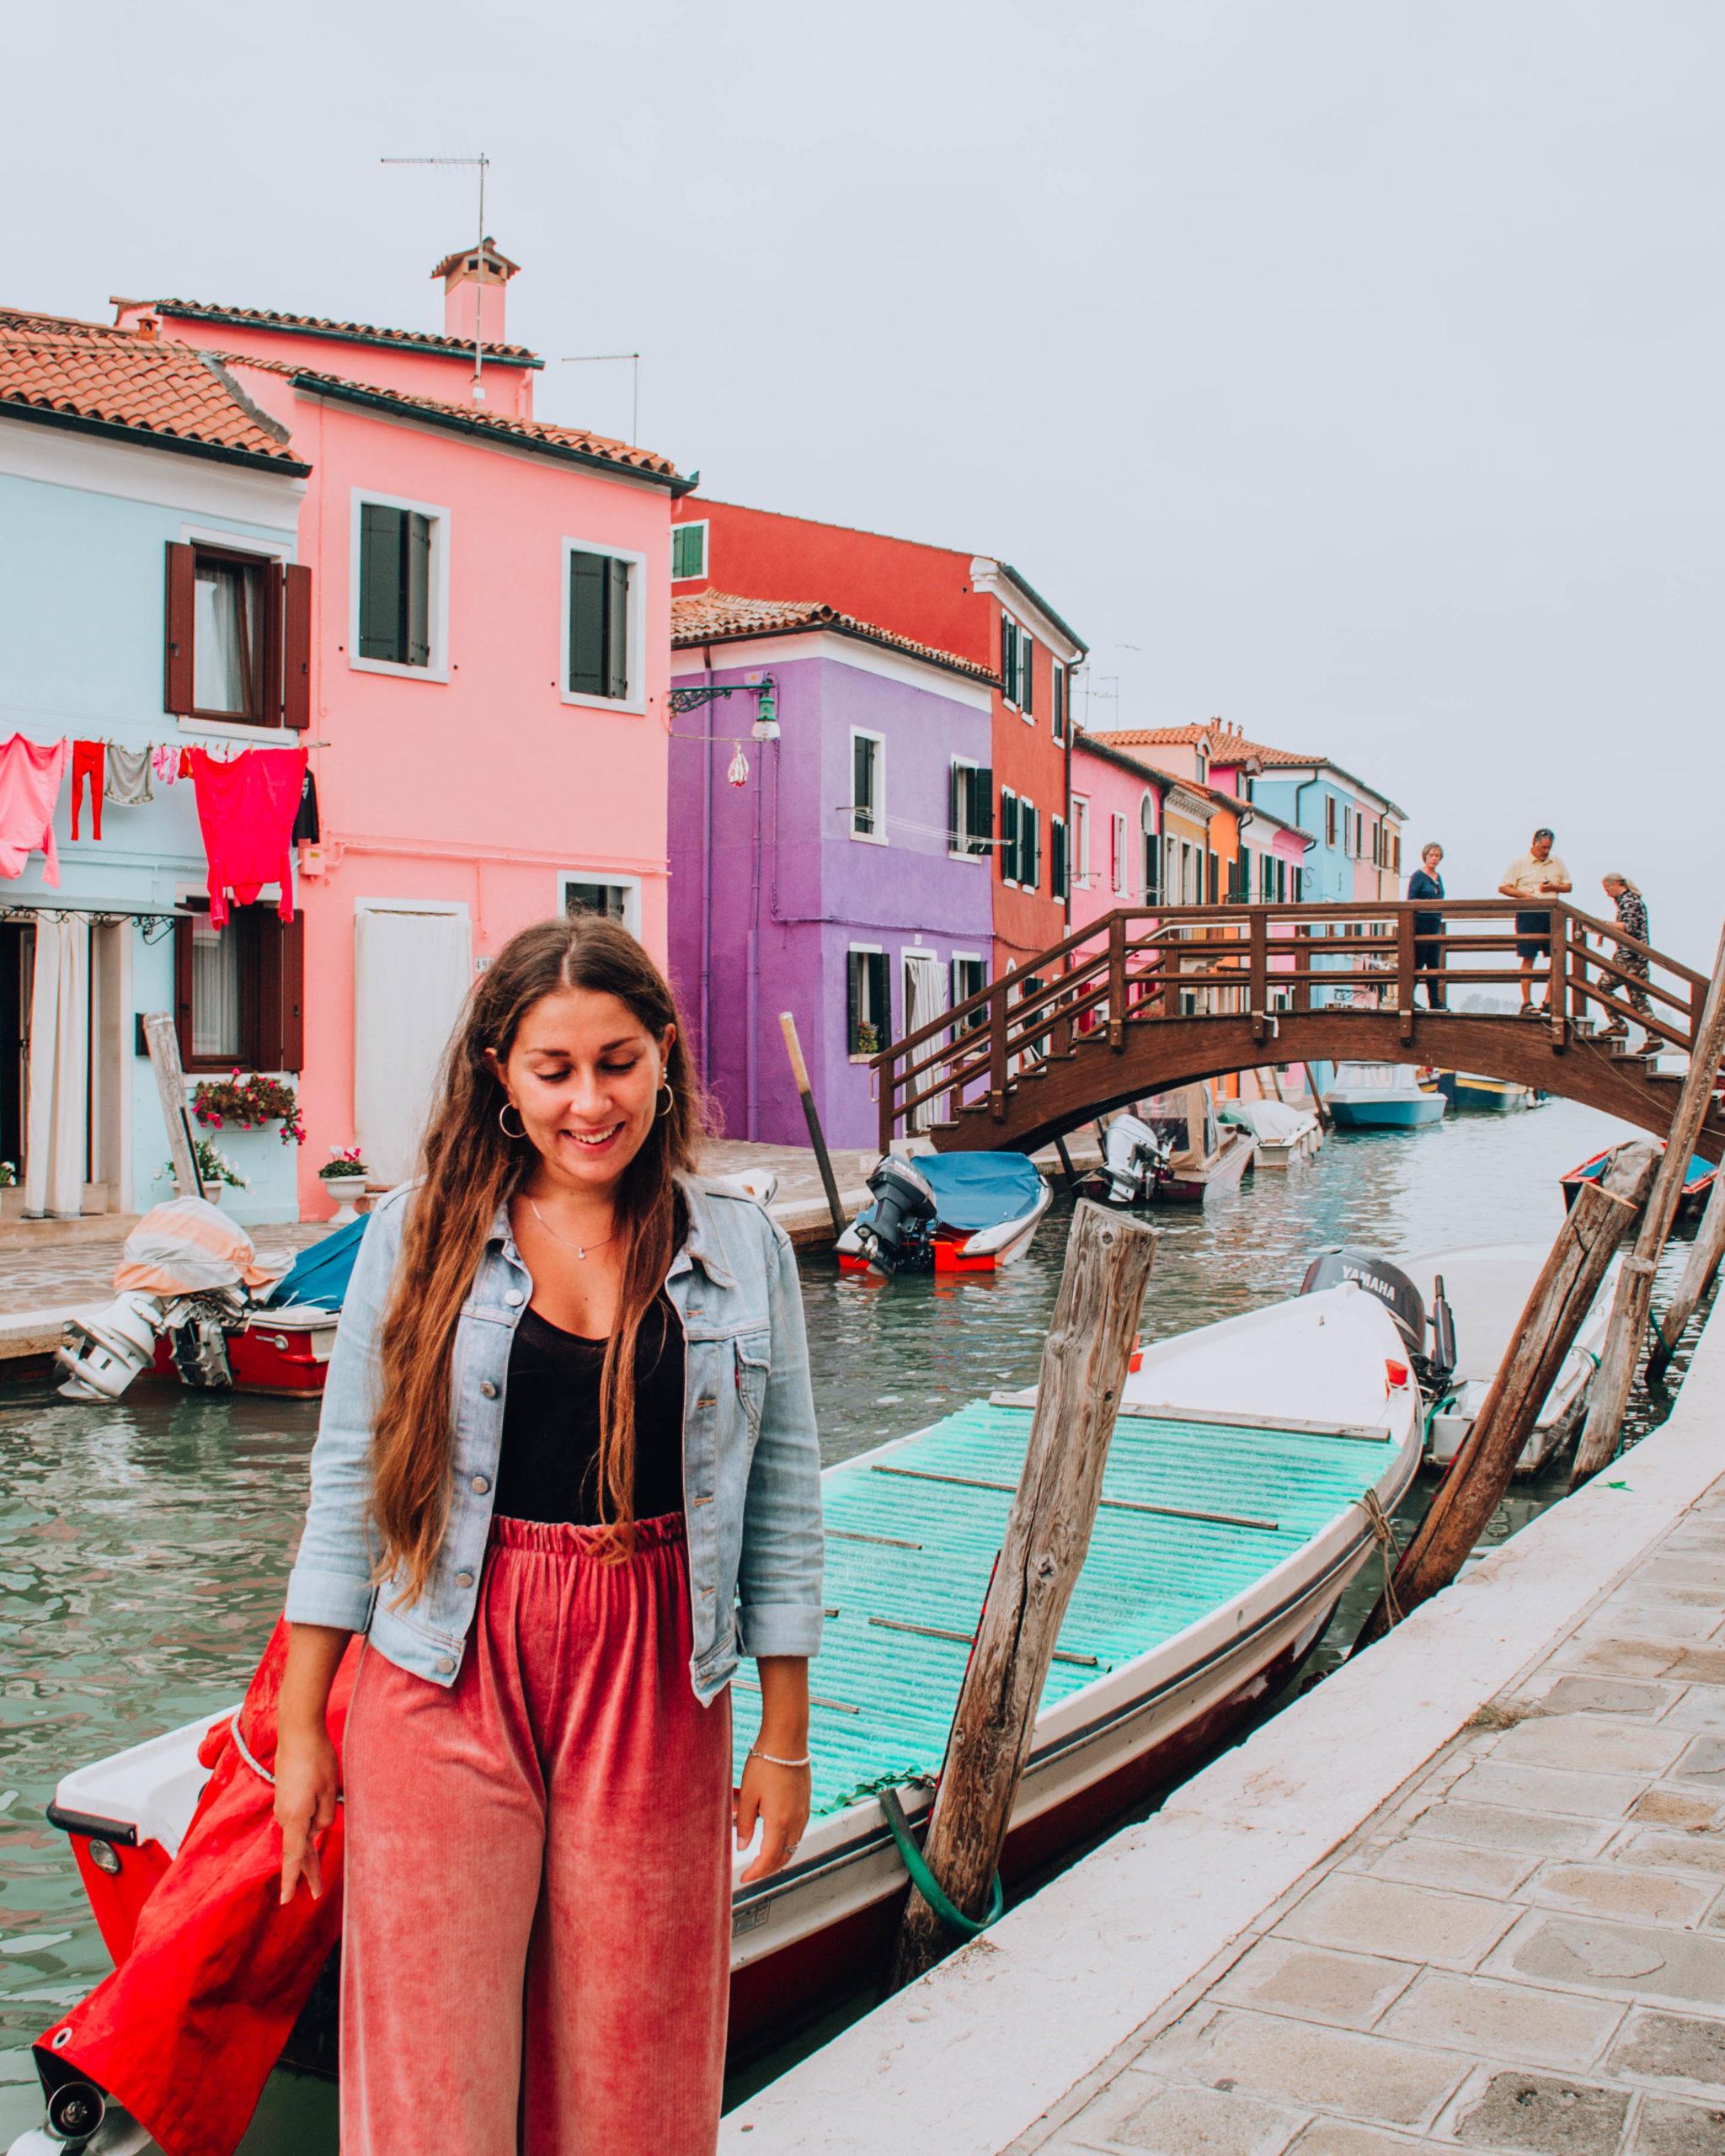 ragazza con pantalone rose davanti a piccolo ponte in legno e case colorate